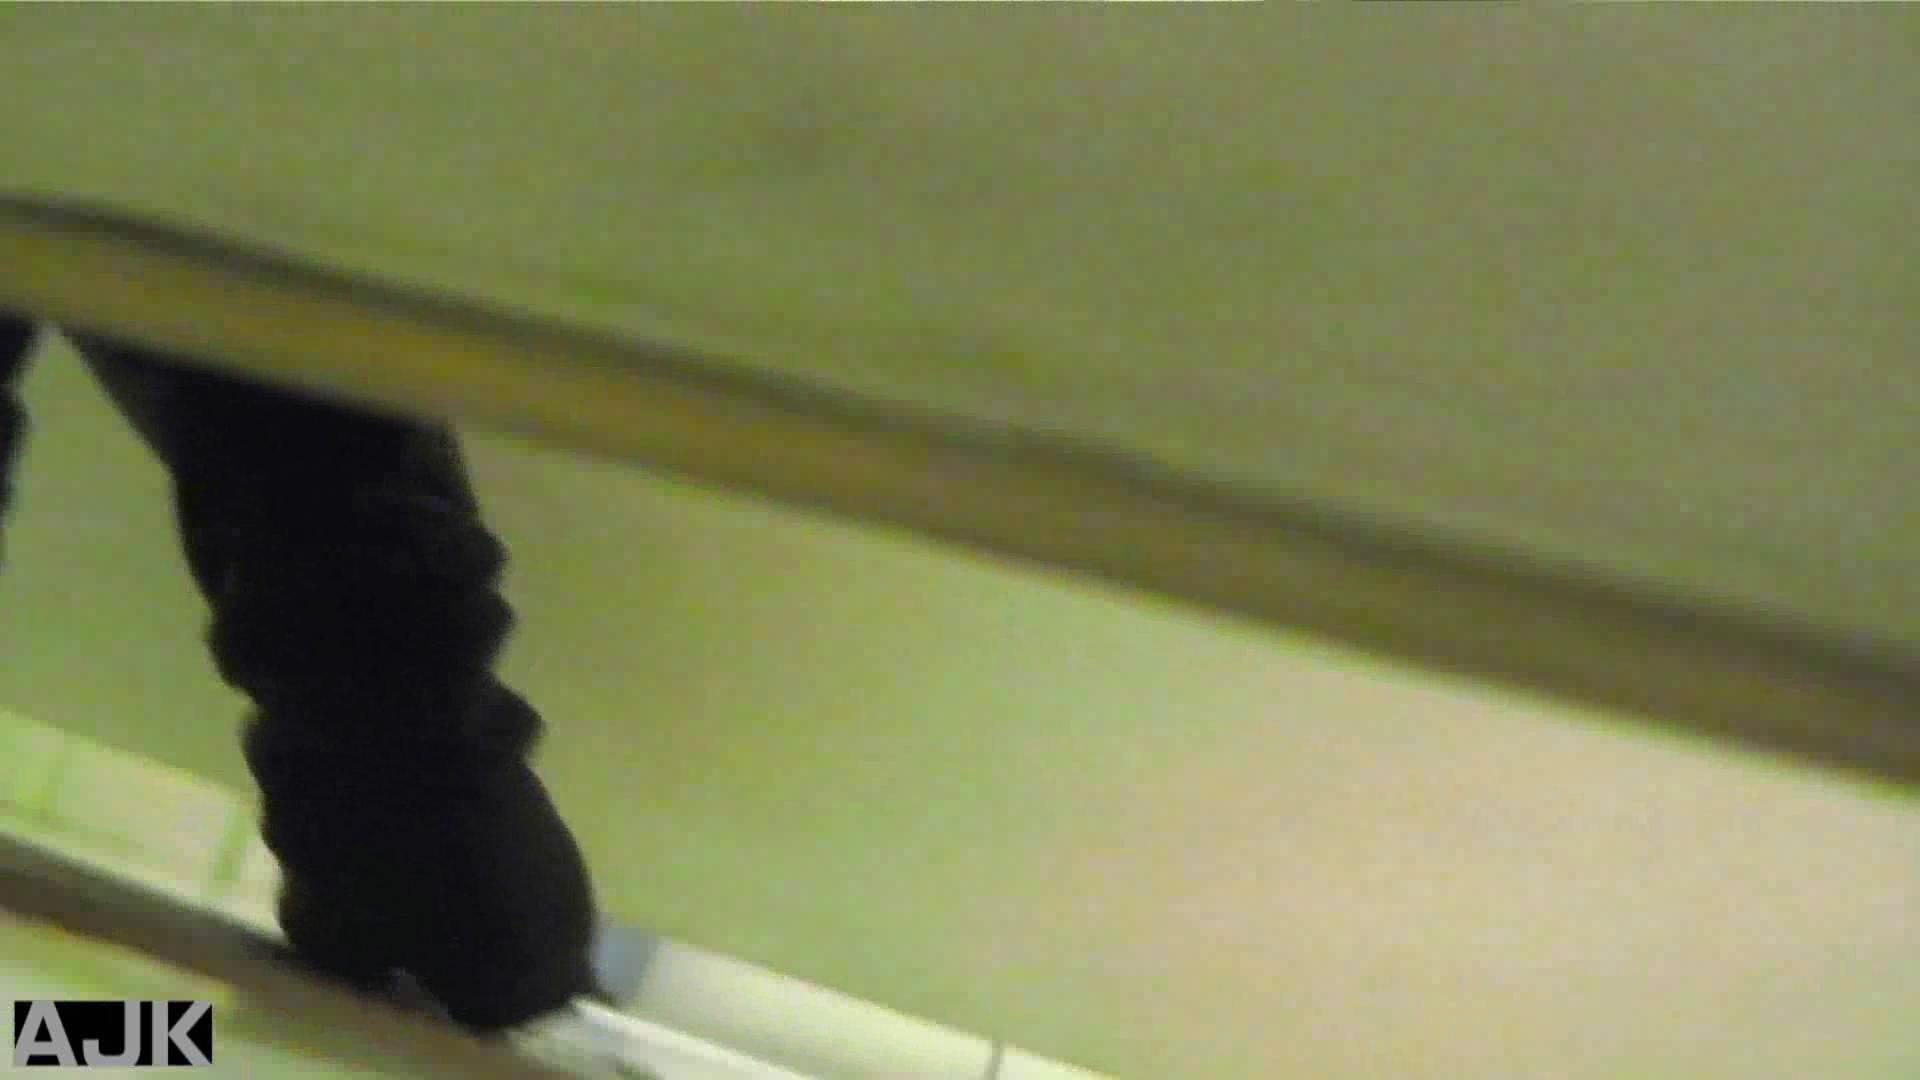 隣国上階級エリアの令嬢たちが集うデパートお手洗い Vol.16 女子トイレ セックス無修正動画無料 91枚 42